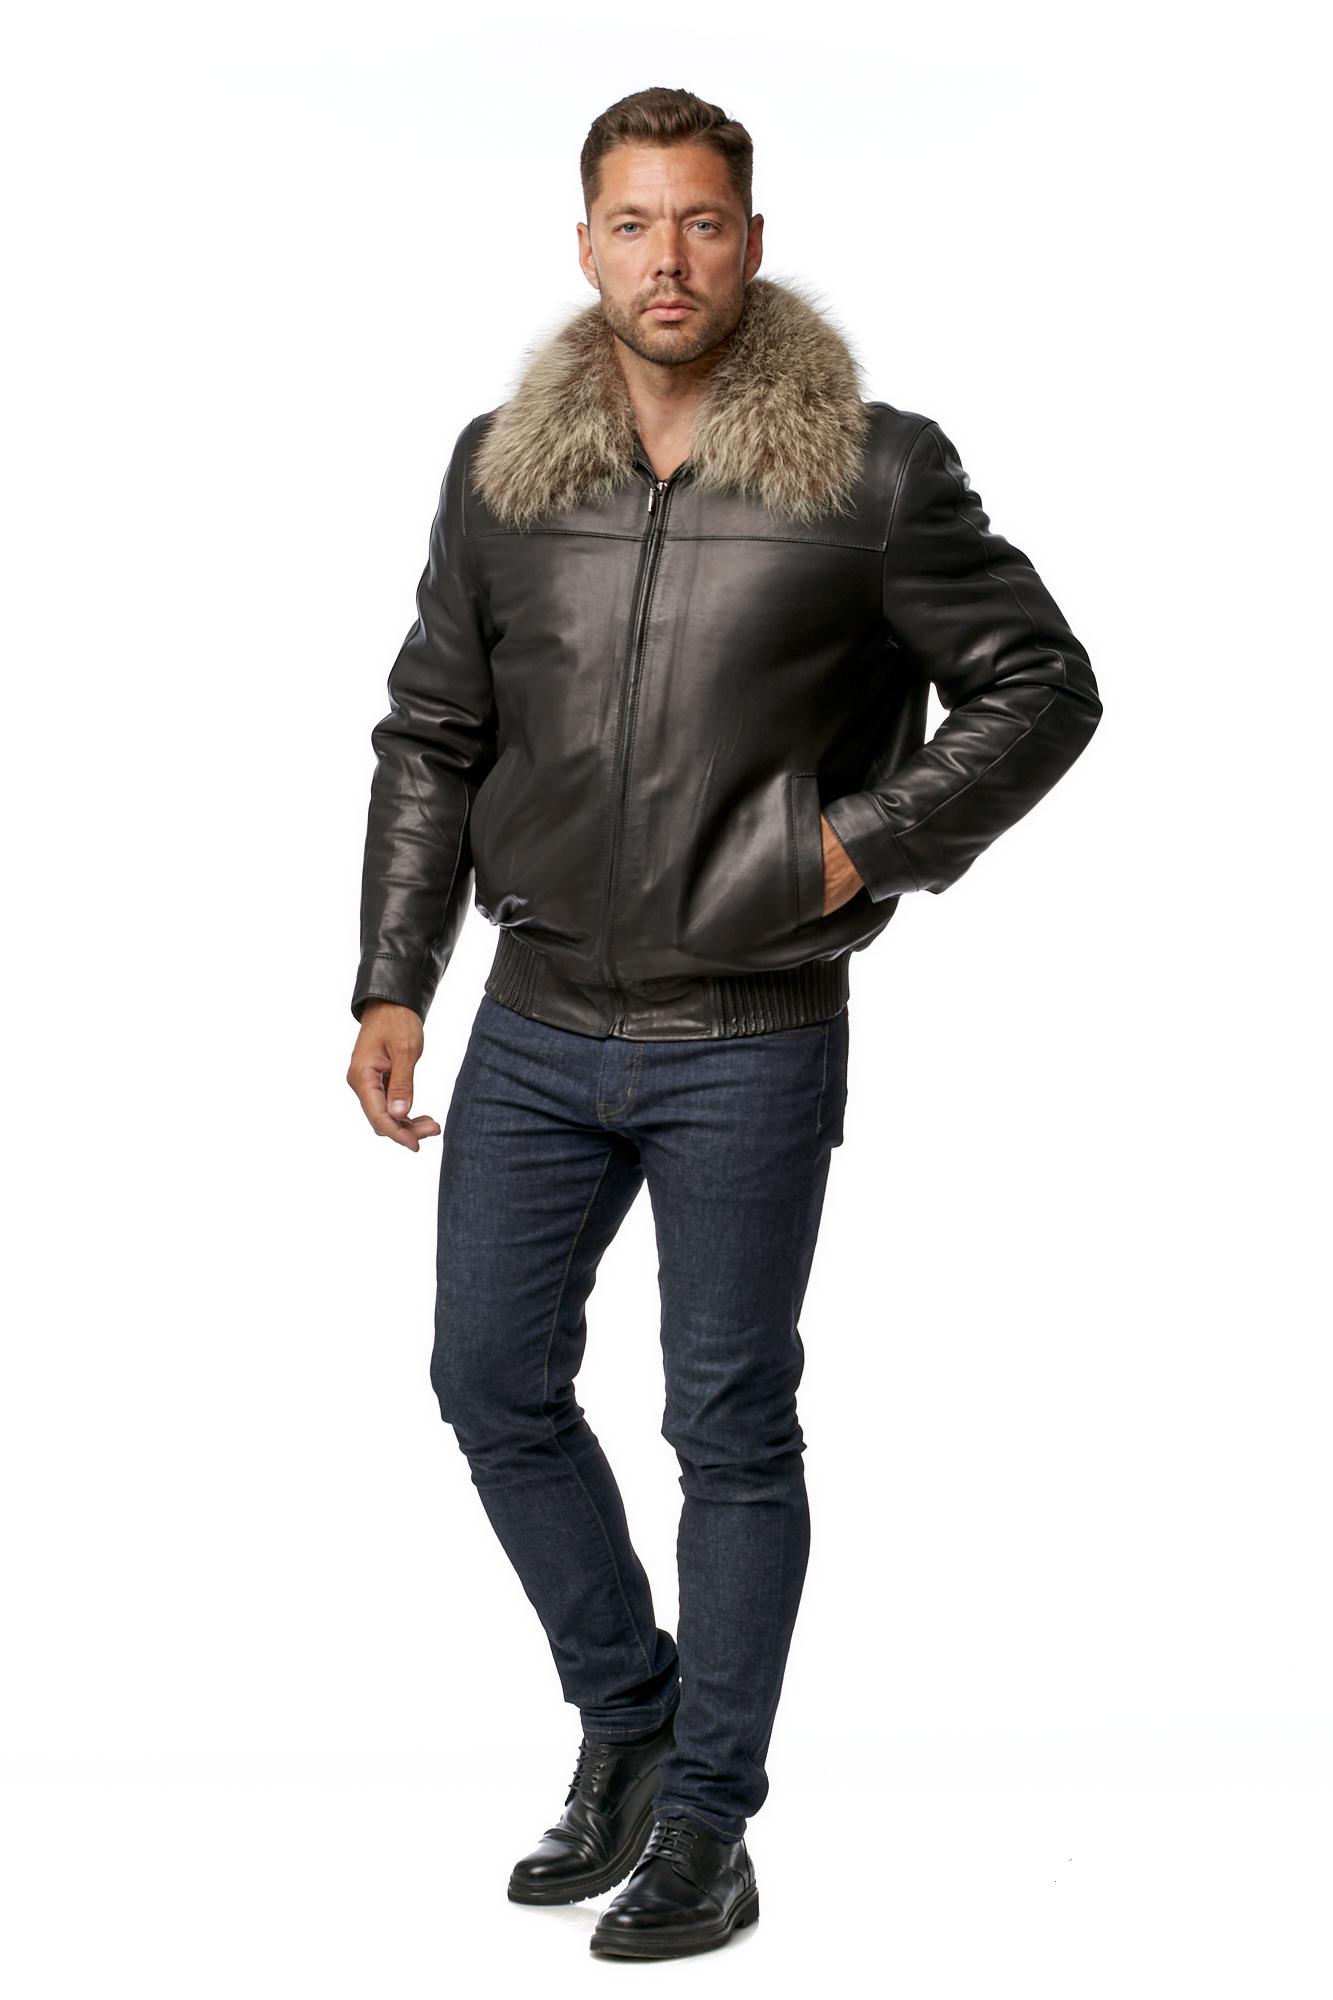 Мужская кожаная куртка из натуральной кожи на меху с воротником, отделка енот